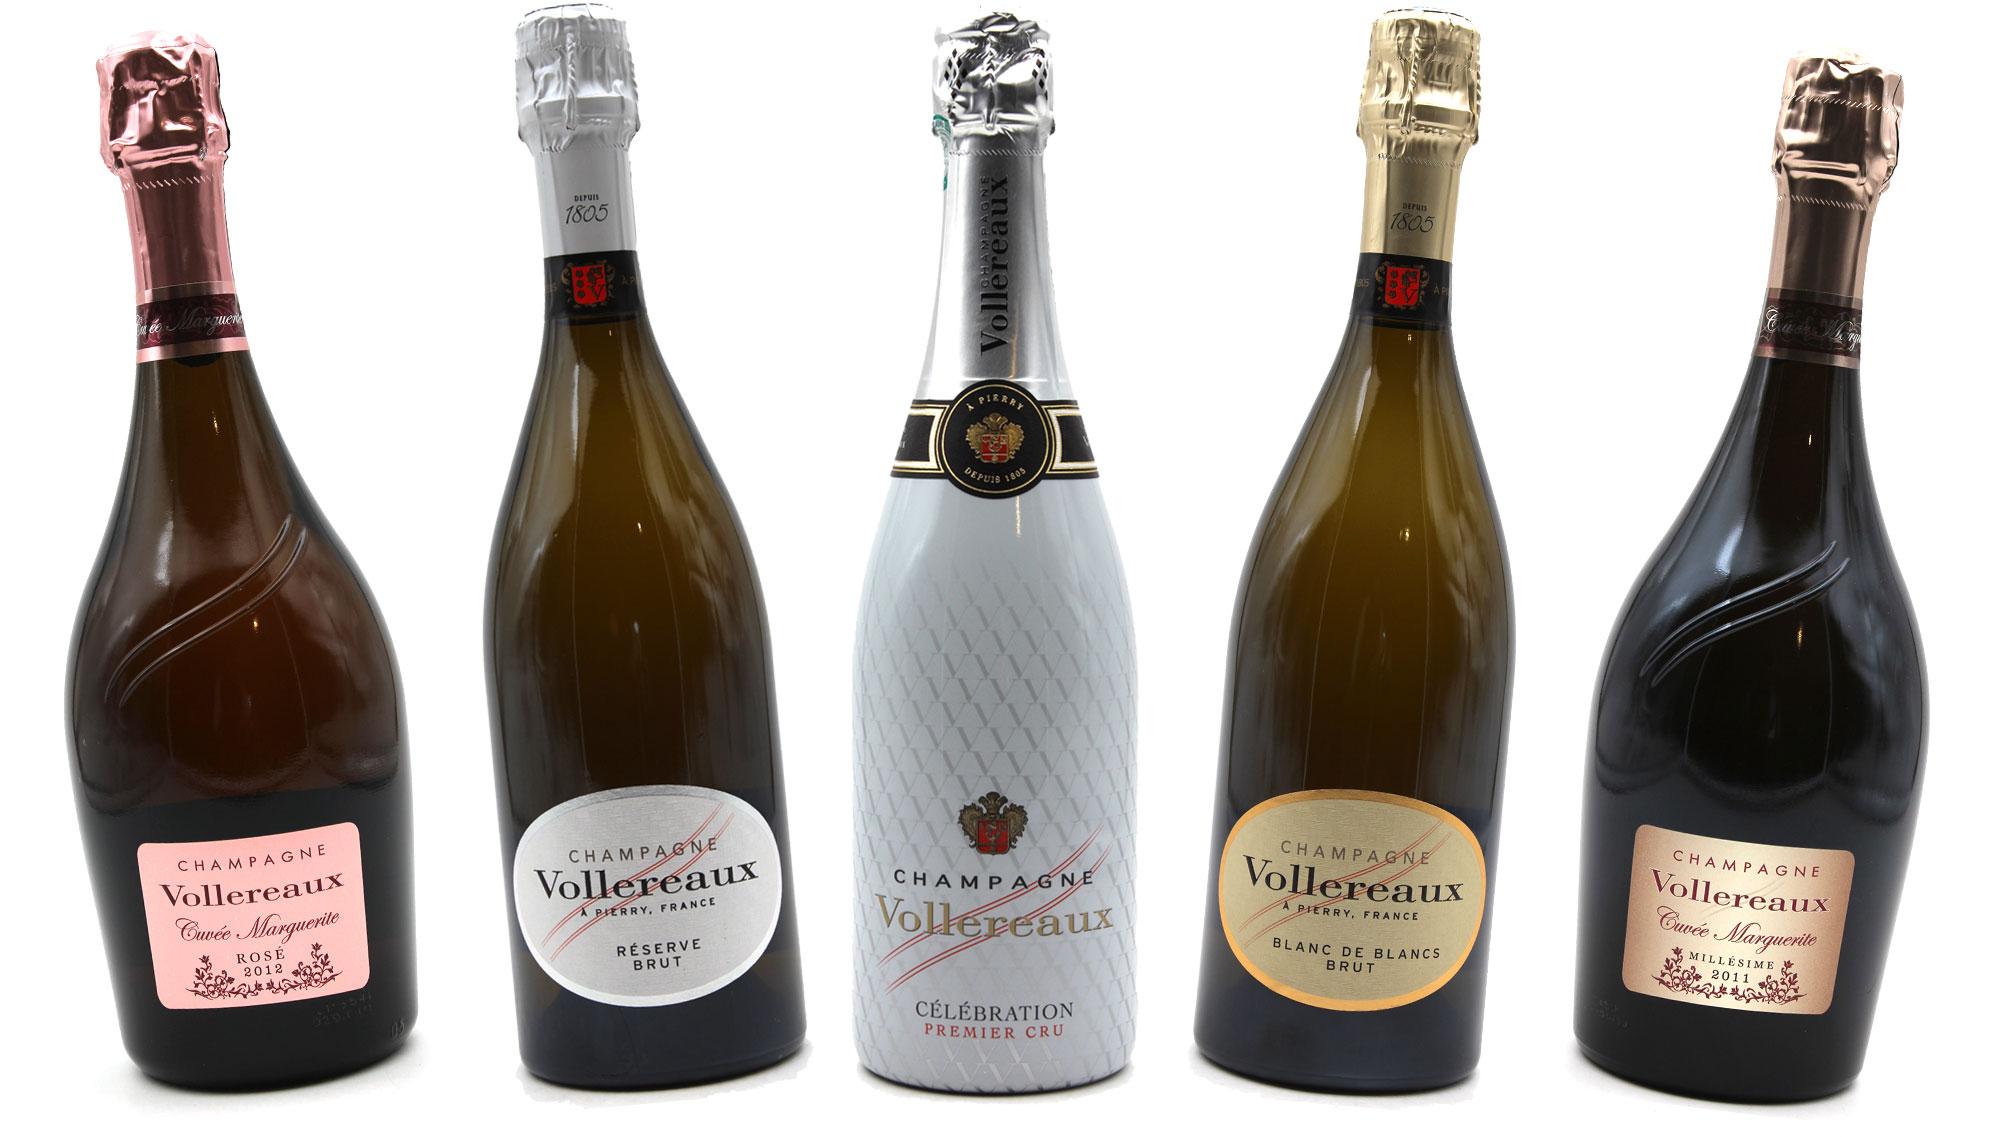 Coffret découverte Champagne Vollereaux